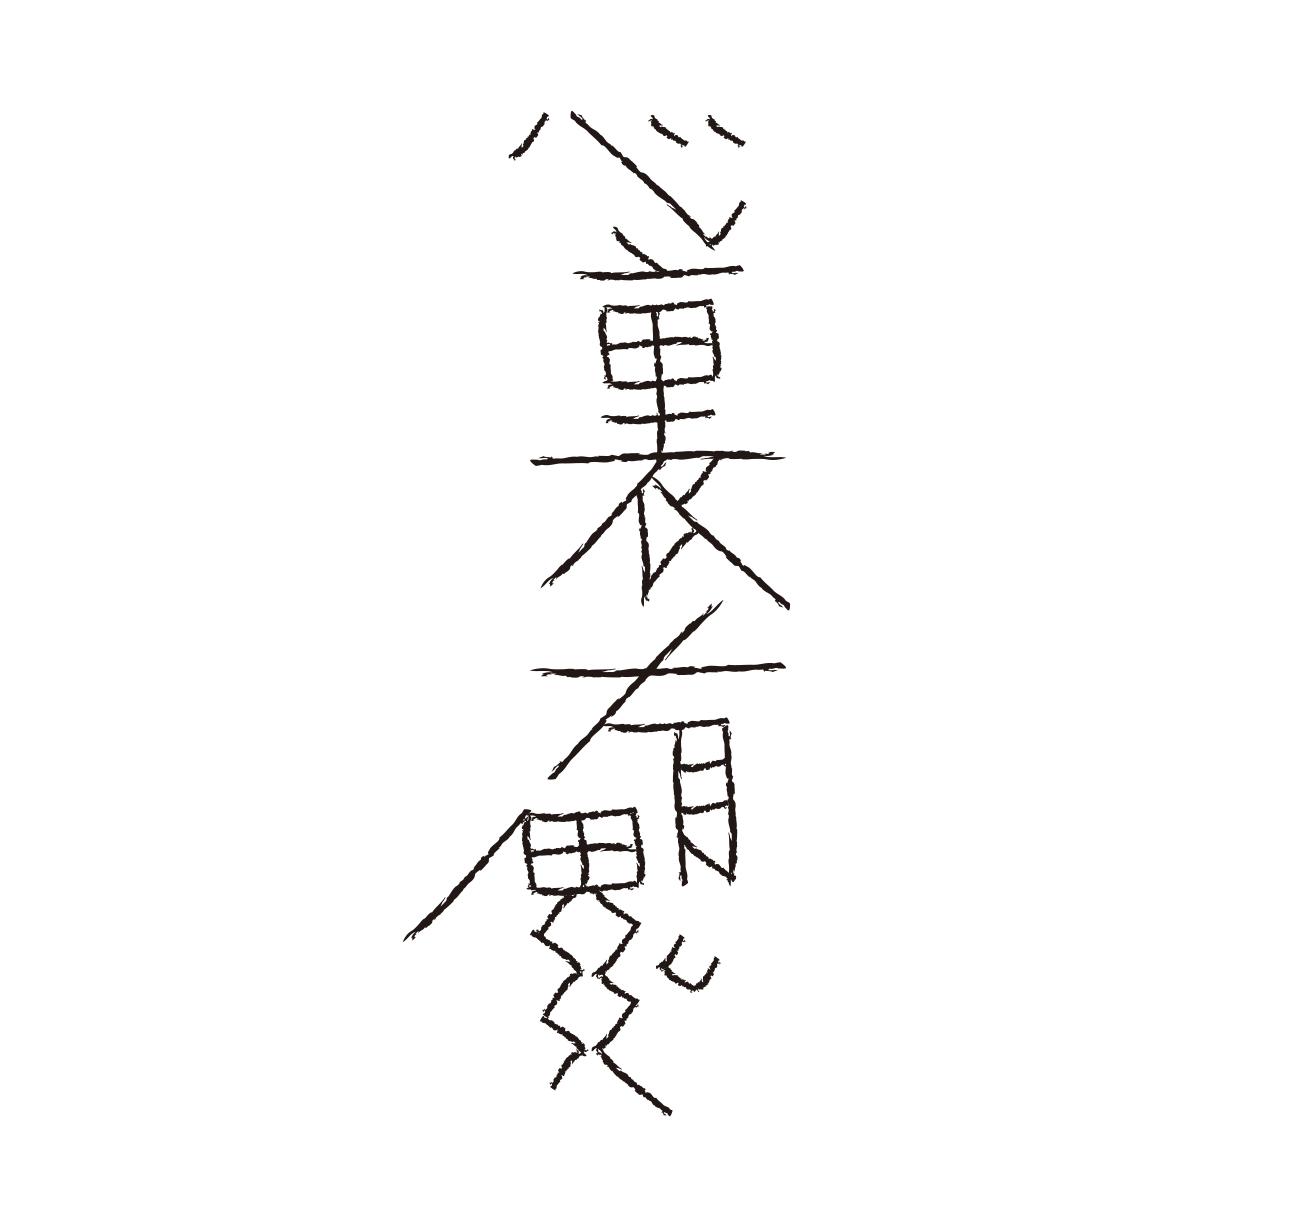 用笔画均匀分割方格空间,建立稳定,均衡的汉字间架结构.